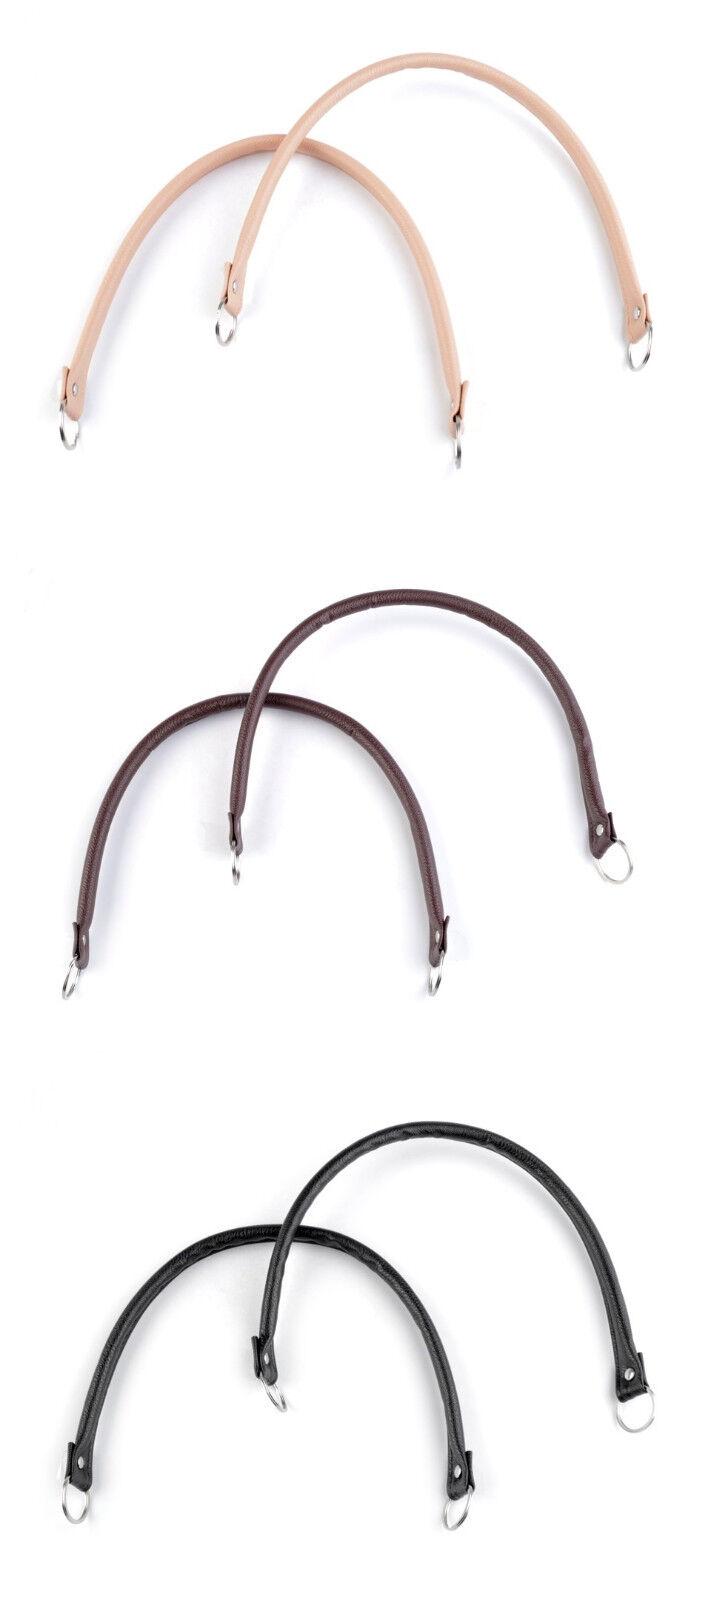 1 Paar Taschengriffe Griffe Taschenhenkel Taschenbügel Taschenherstellung 1251